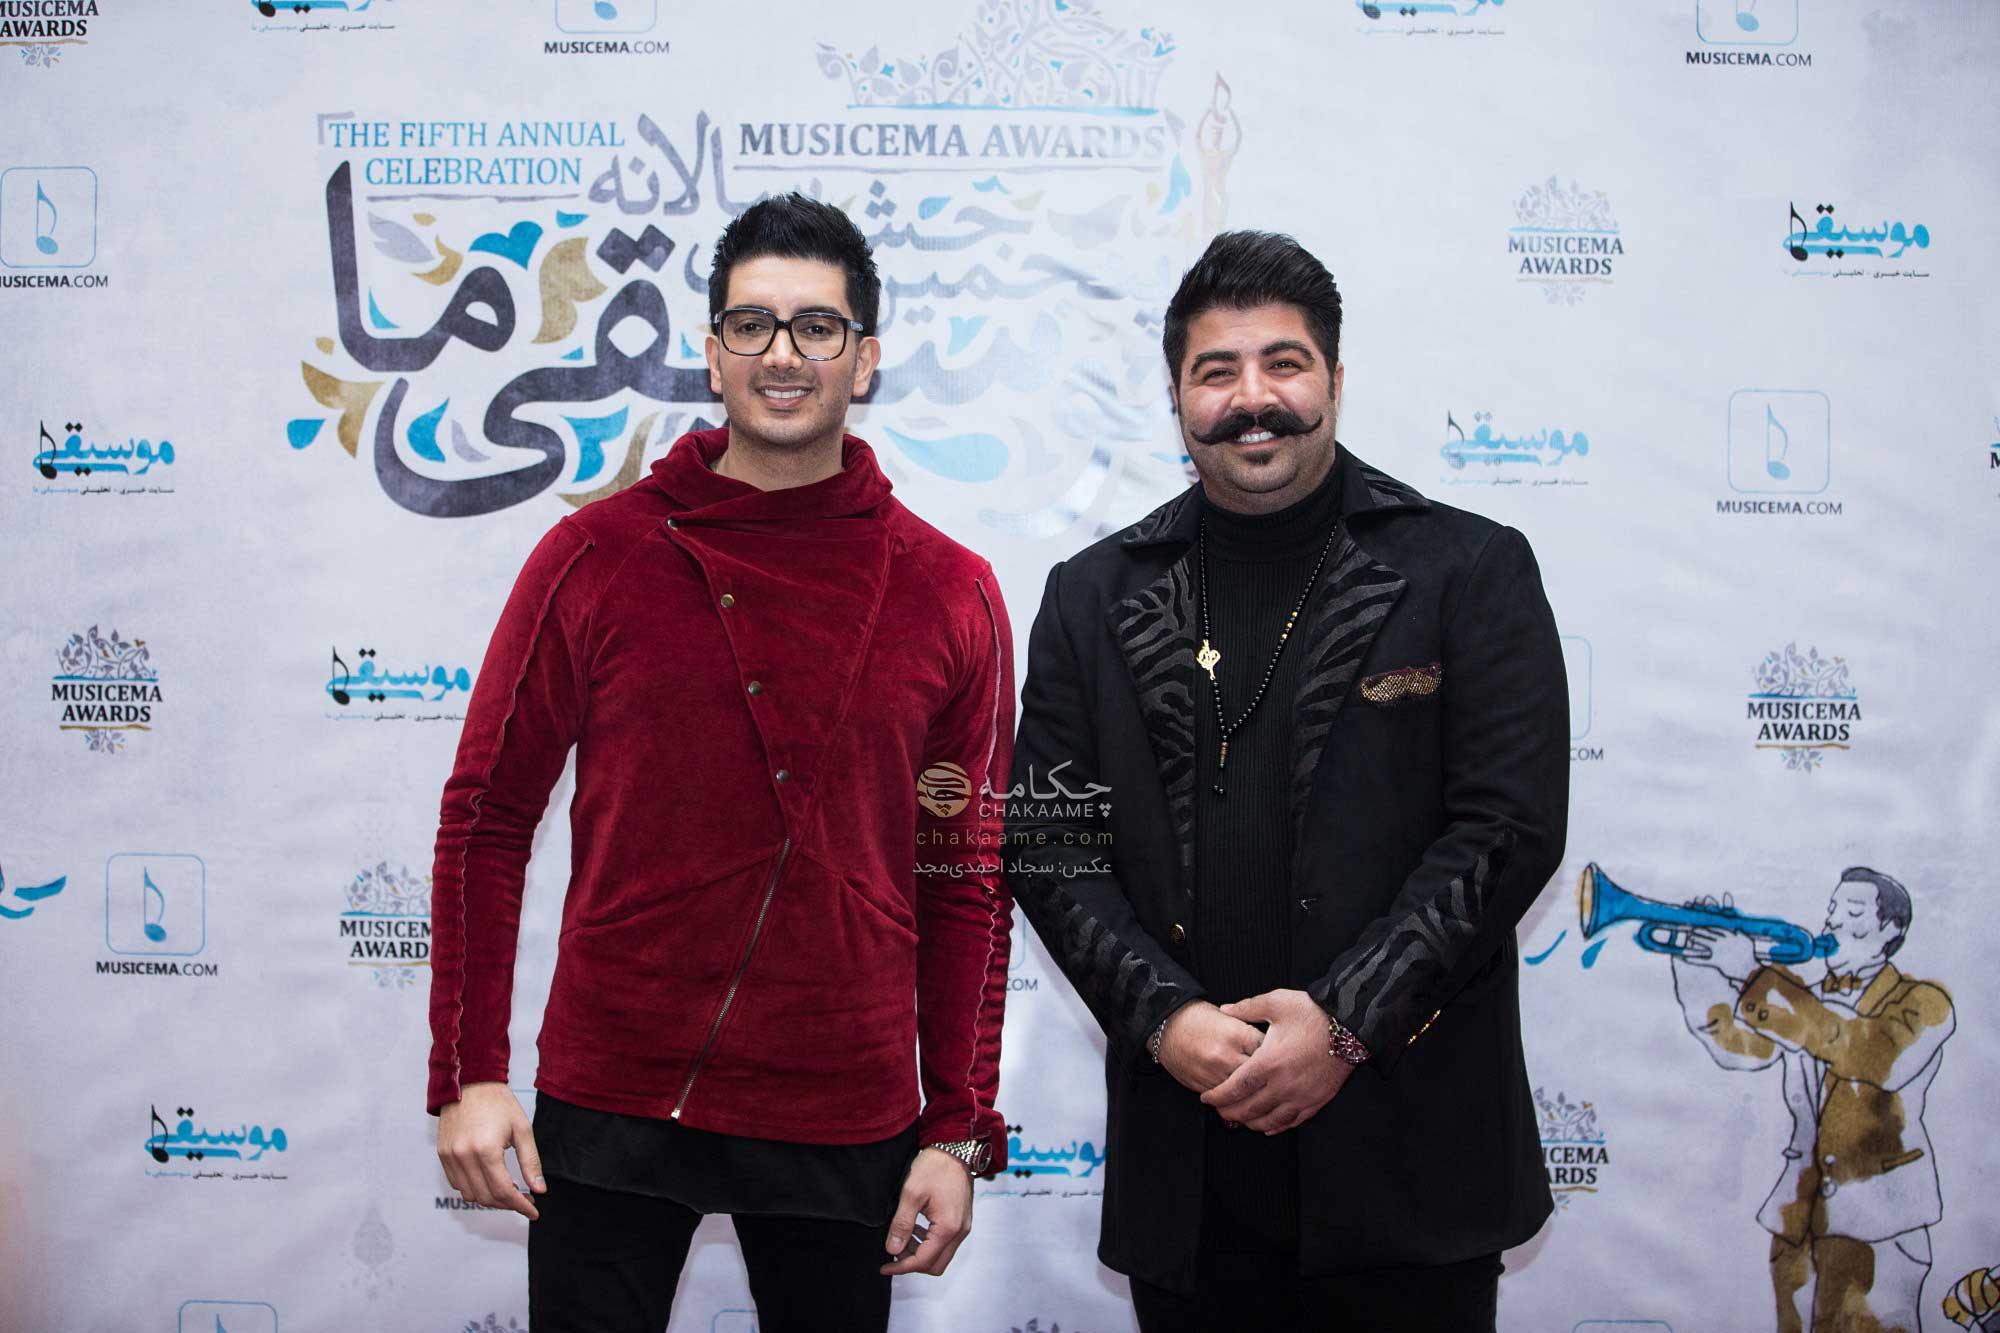 فرزاد فرزین - بهنام بانی - پنجمین جشن سالانه موسیقی ما